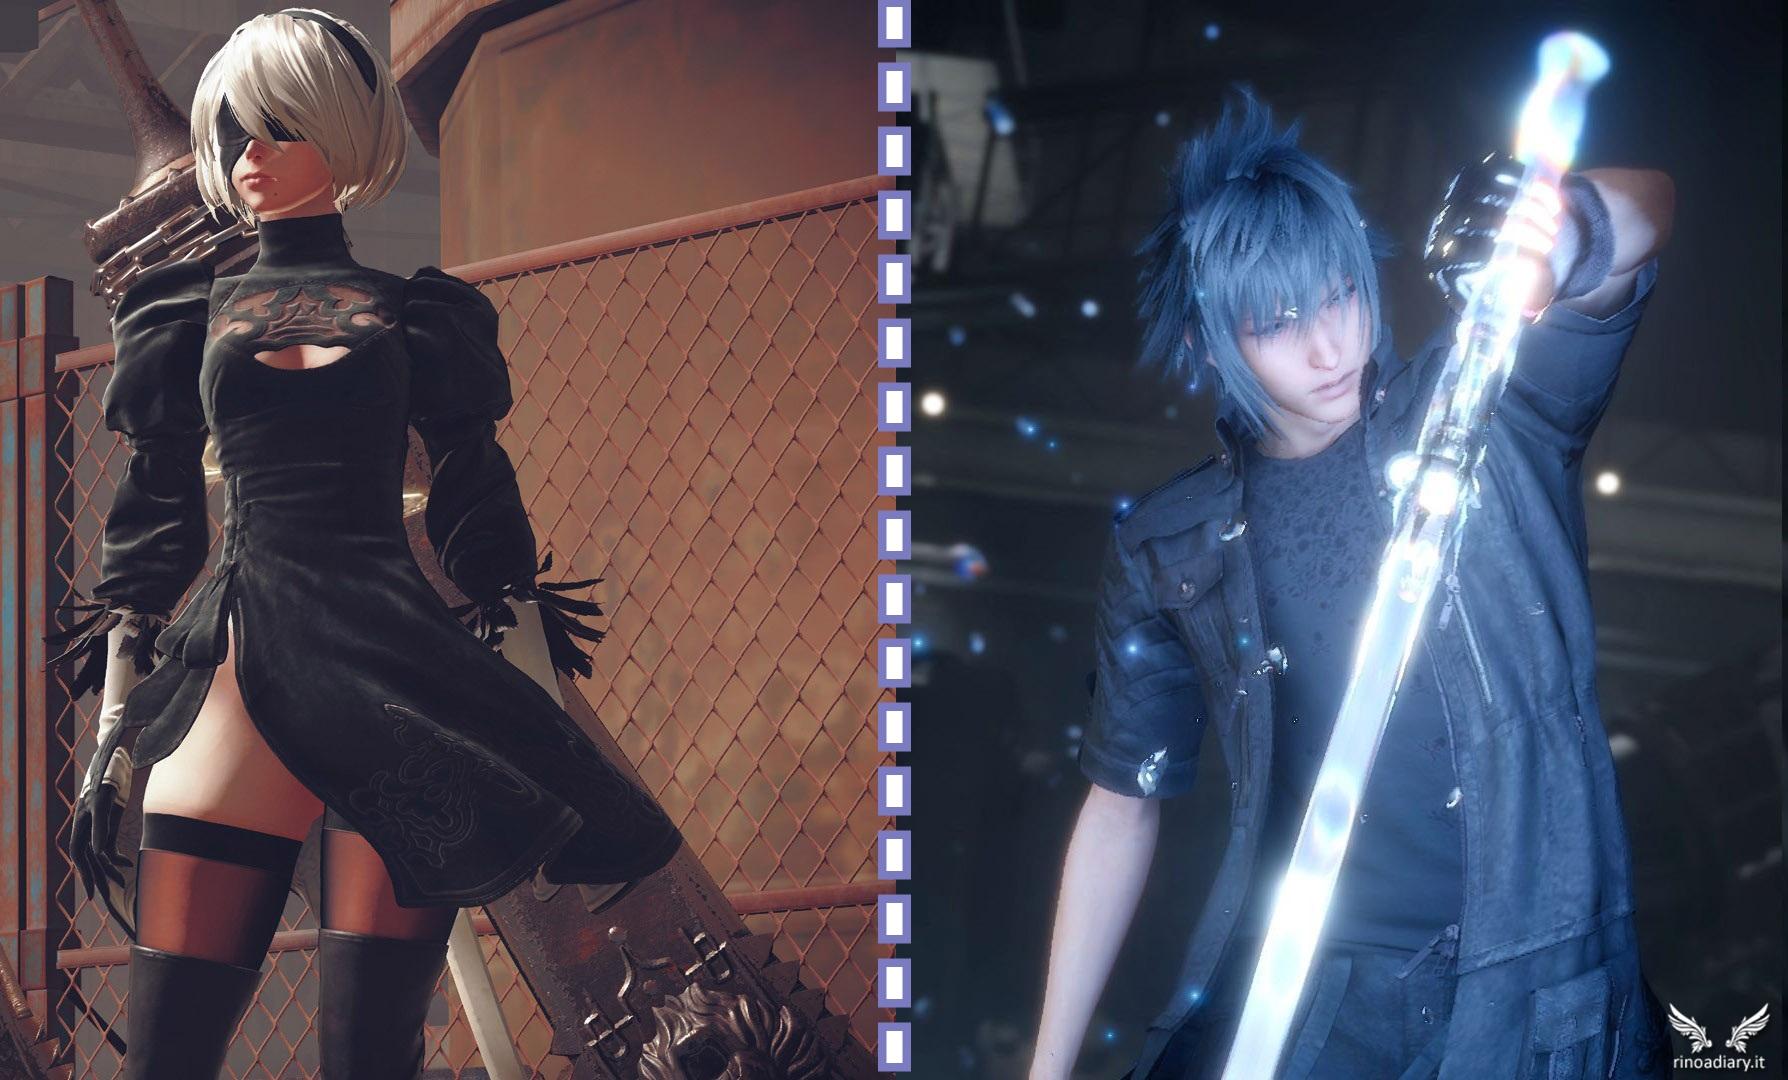 In arrivo una collaborazione tra Final Fantasy XV e NieR: Automata!